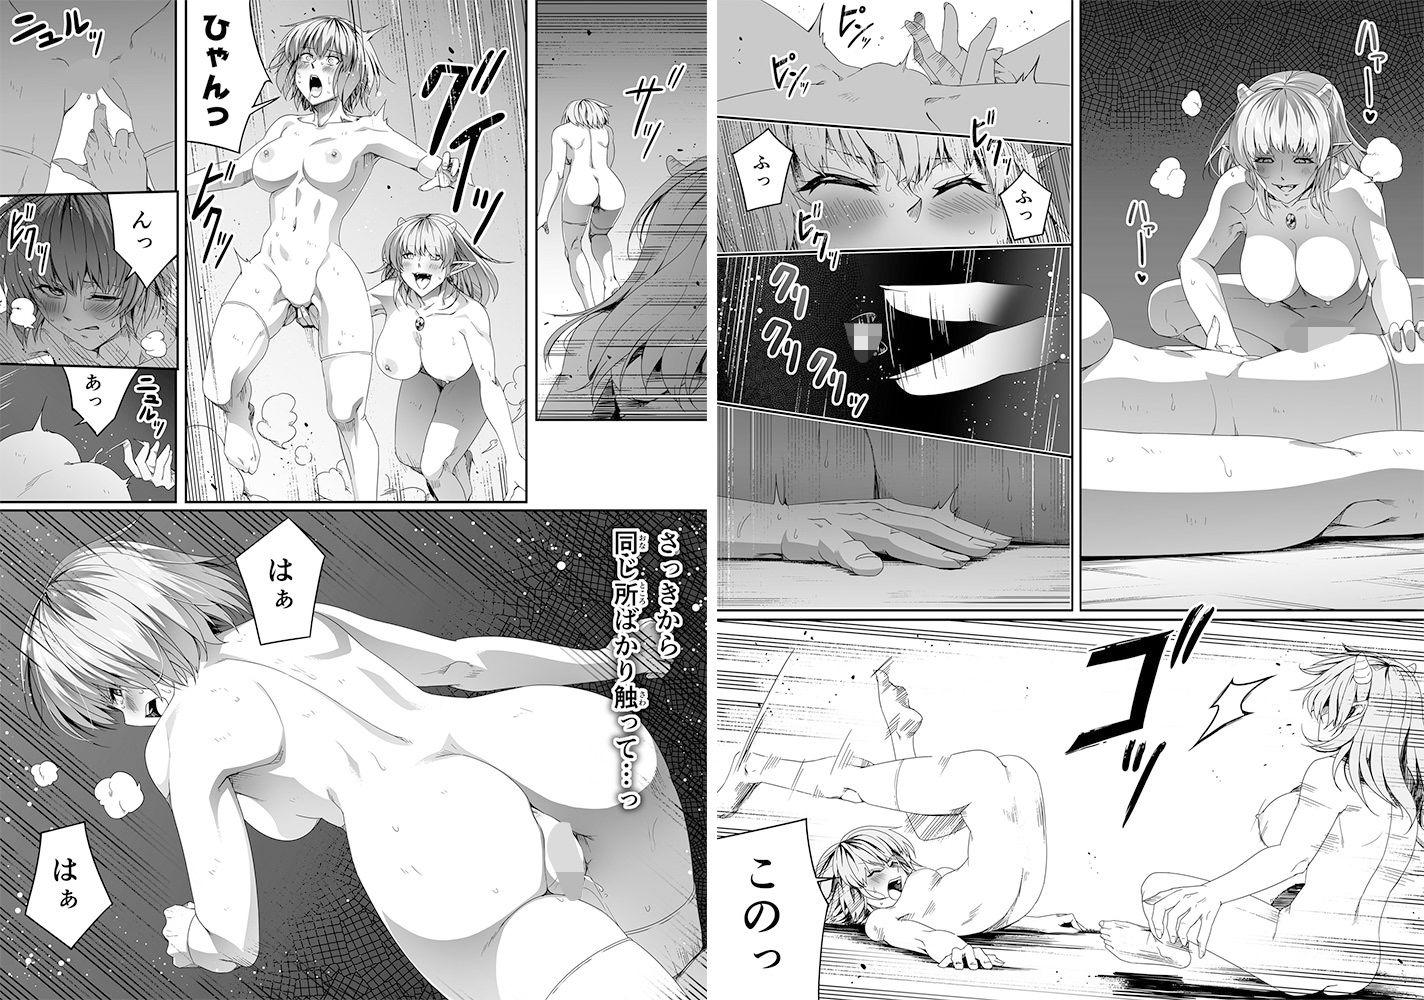 力あるサキュバスは性欲を満たしたいだけ 3【同人エロ漫画】(Road=ロード=)10